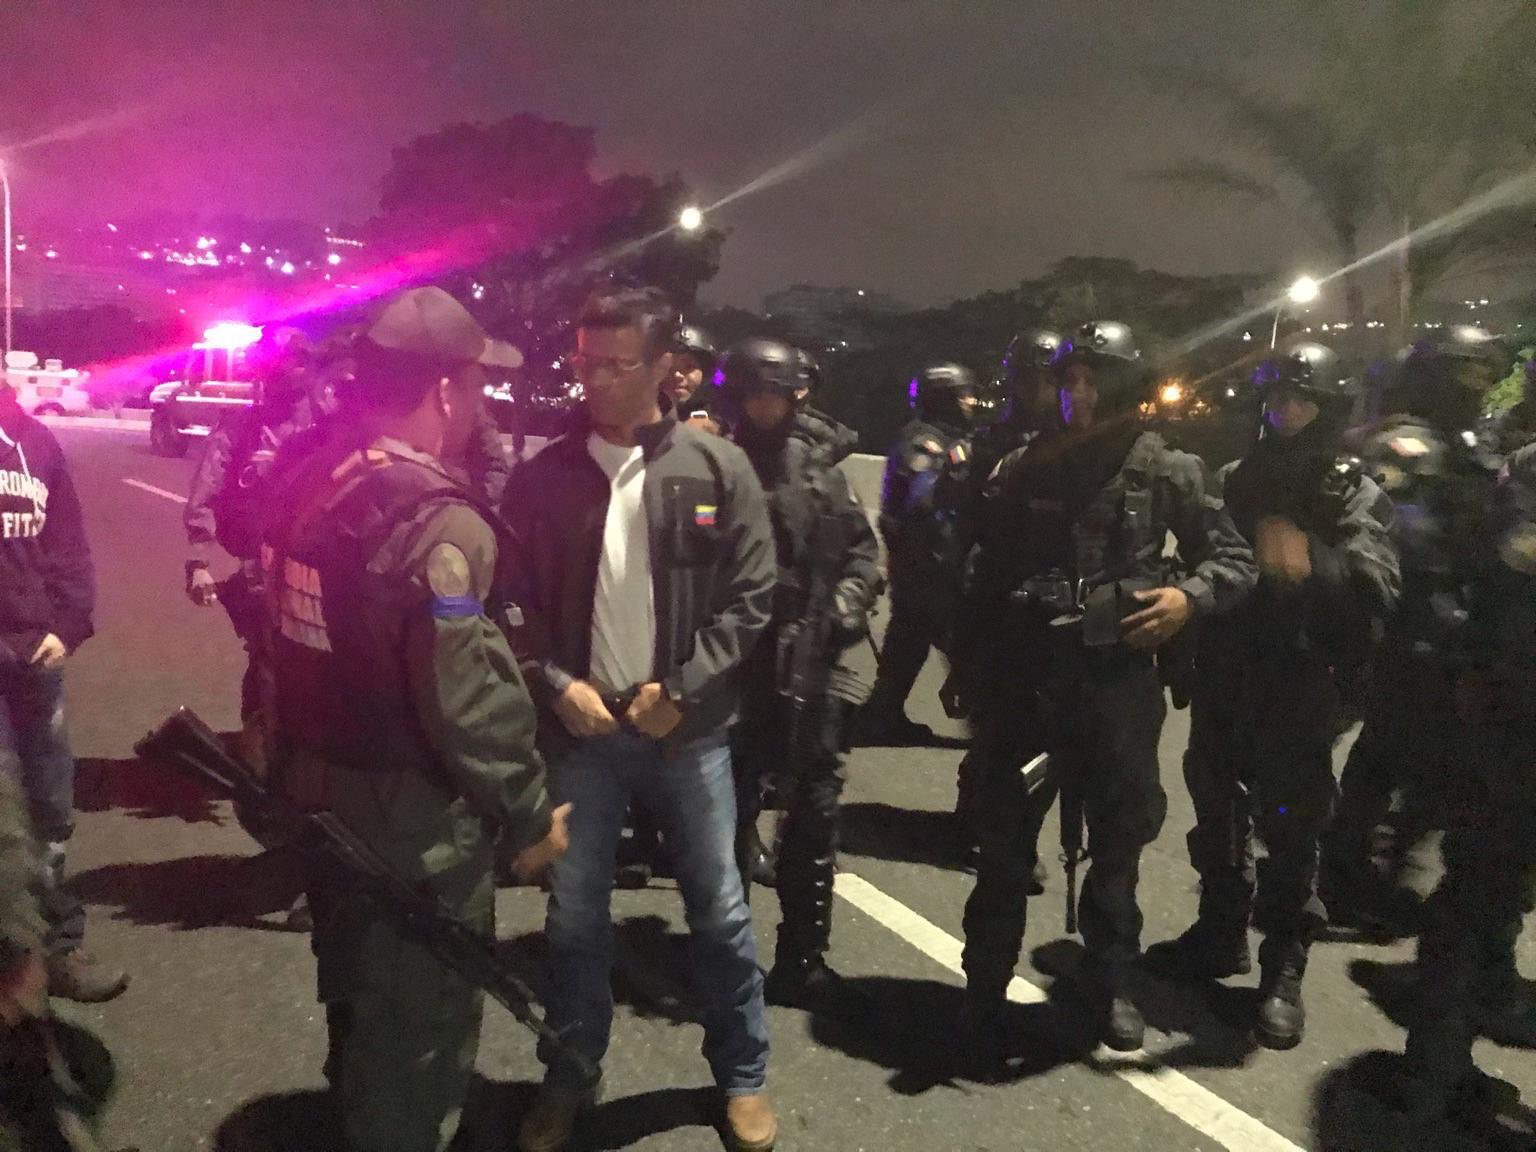 Un grupo de las Fuerzas Armadas bajo el mando de Juan Guaidó liberó al líder opositor Leopoldo Lopez.